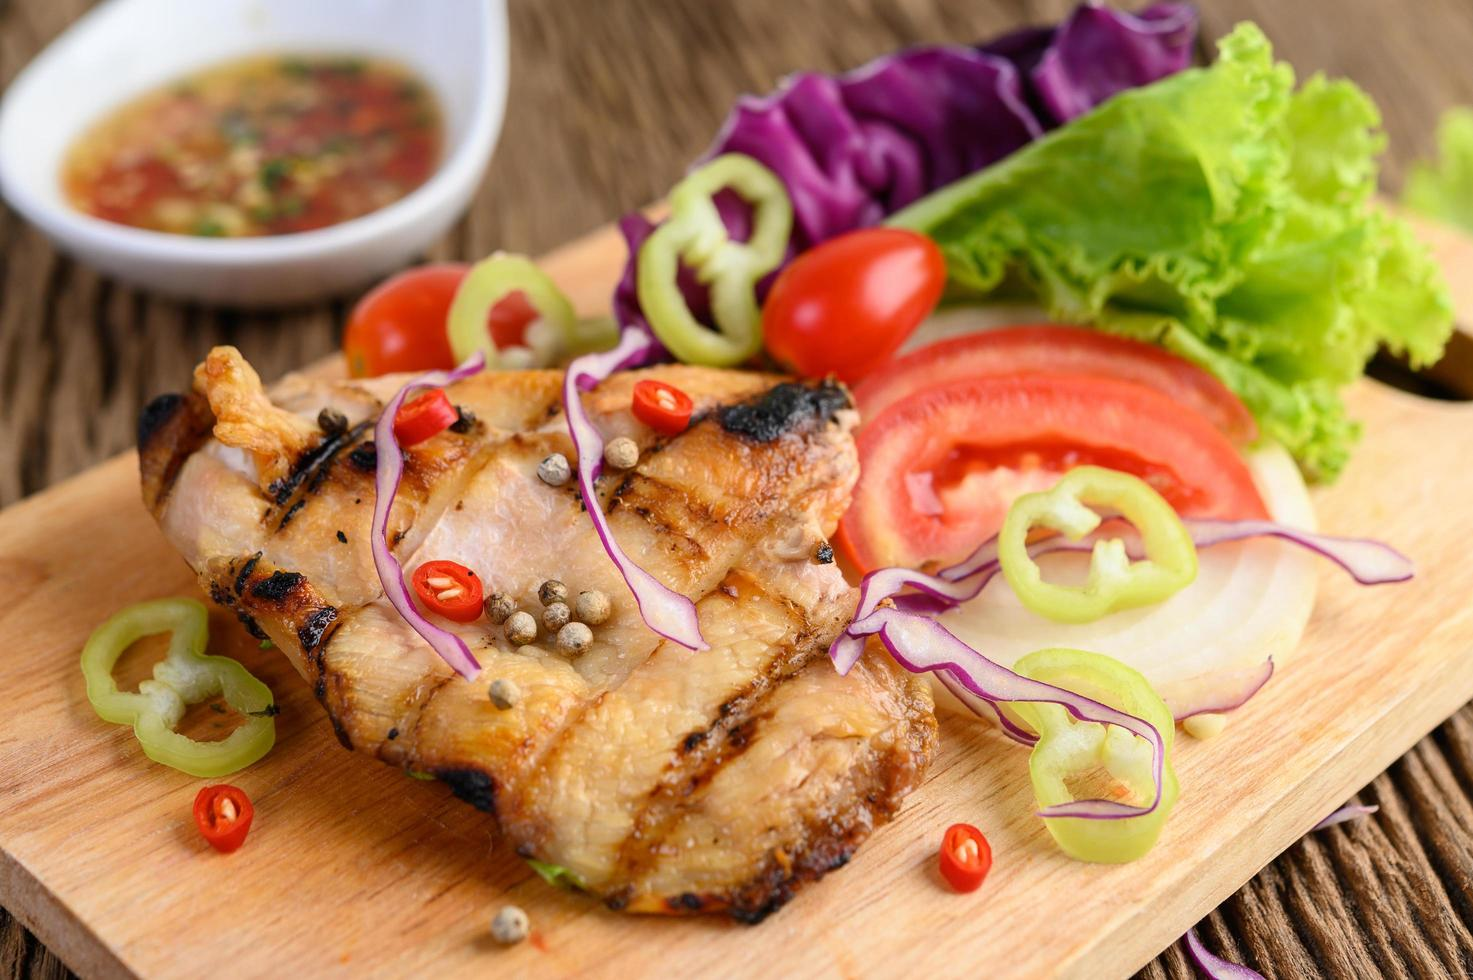 grillad kyckling på en träskärbräda med sallad foto